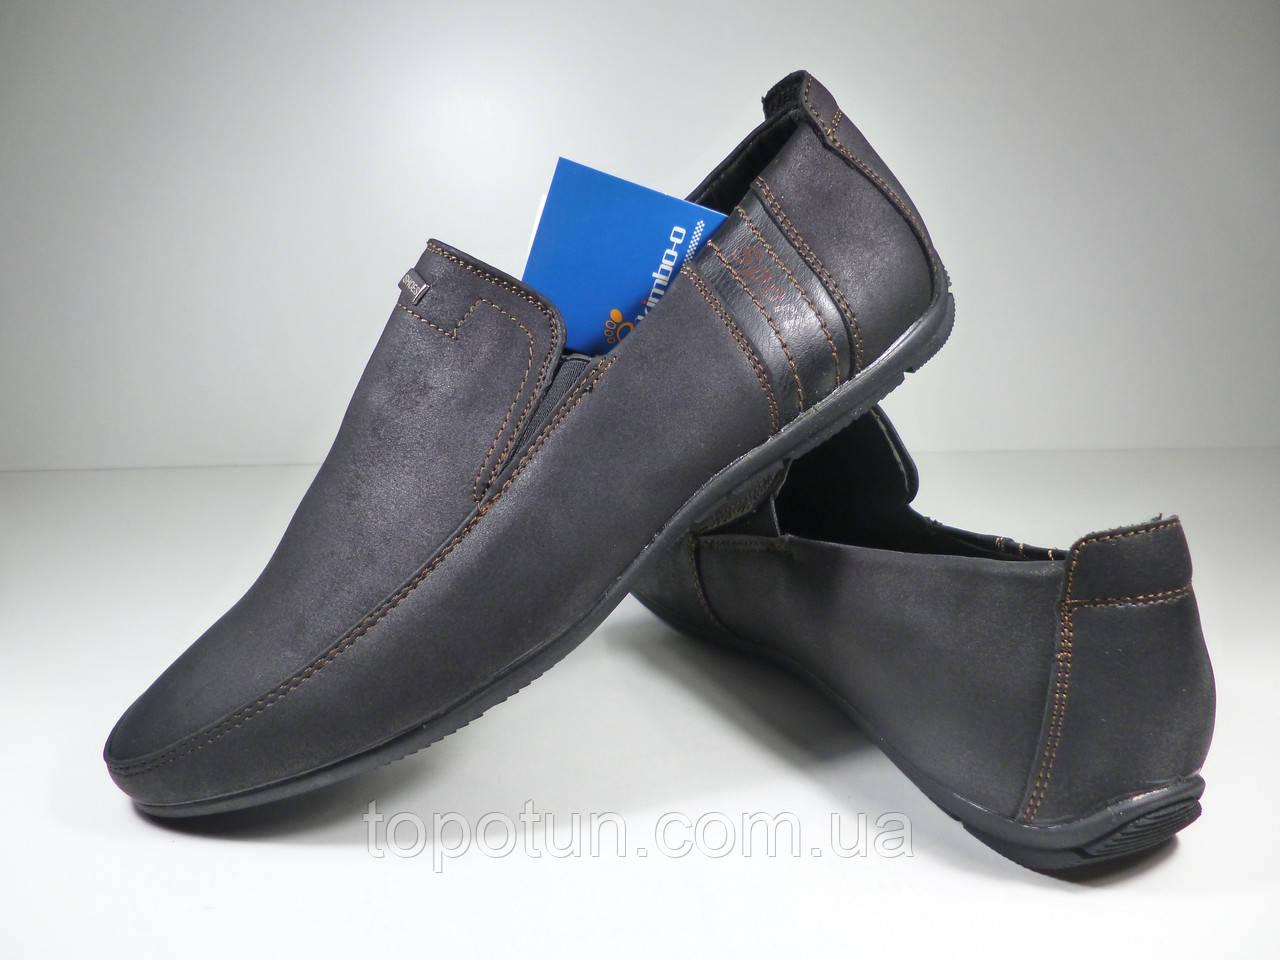 """Школьные туфли для мальчика """"Kimbo-o"""" Размер: 38"""